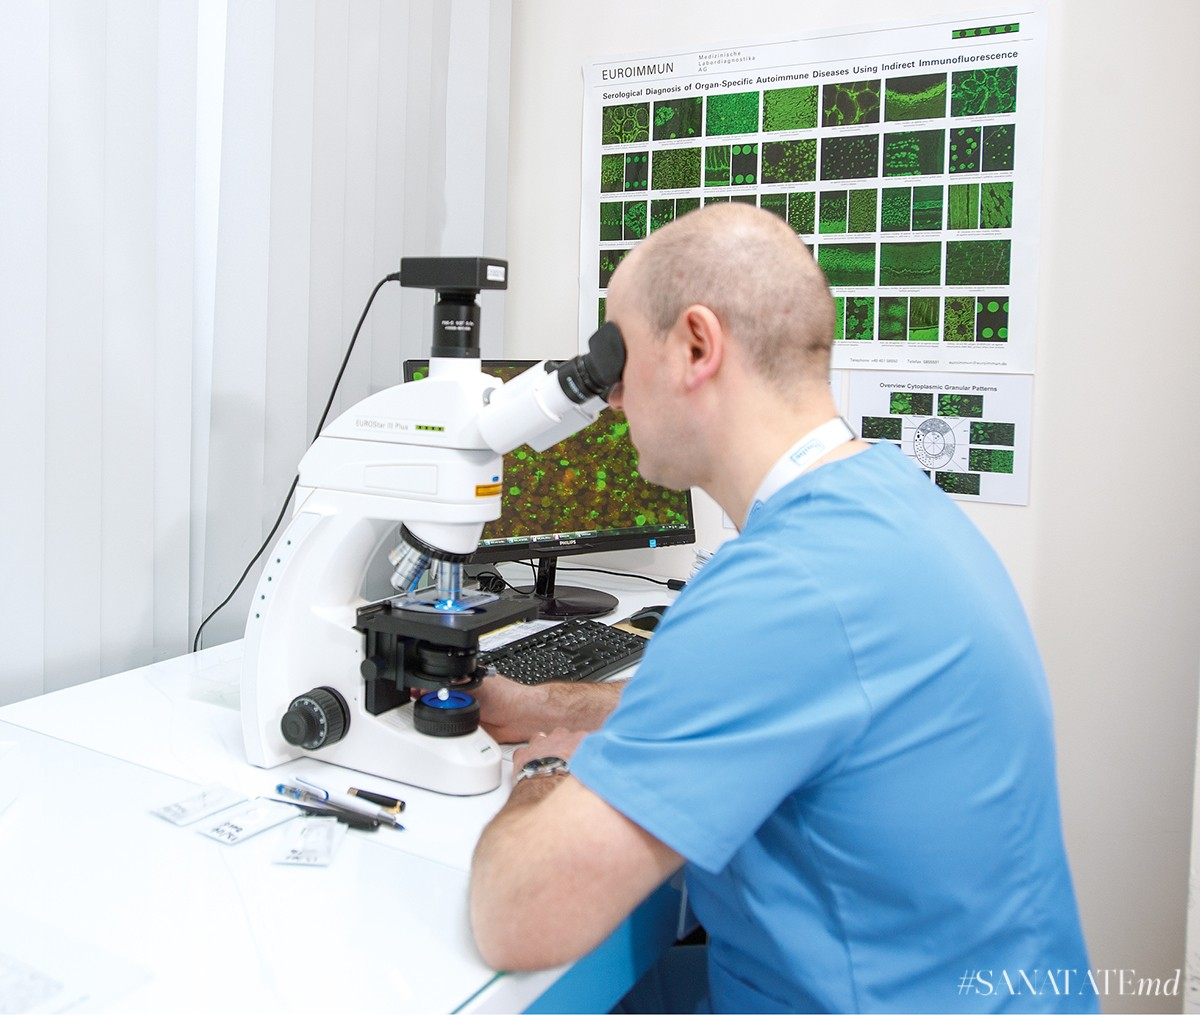 Invitro Diagnostics